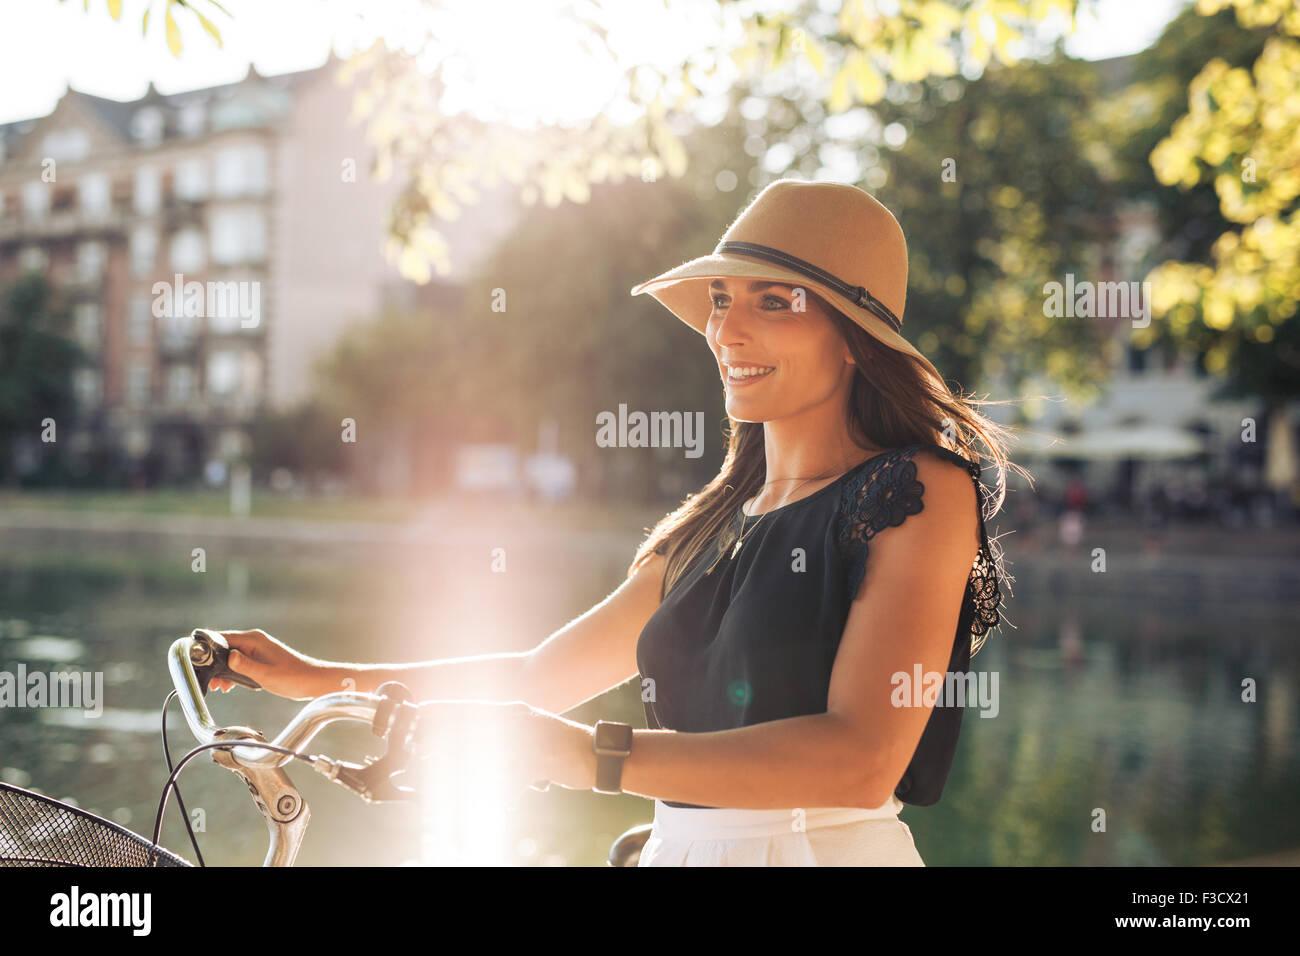 Ritratto di felice giovane donna presso il parco della città passeggiando lungo un laghetto con la sua bicicletta. Immagini Stock